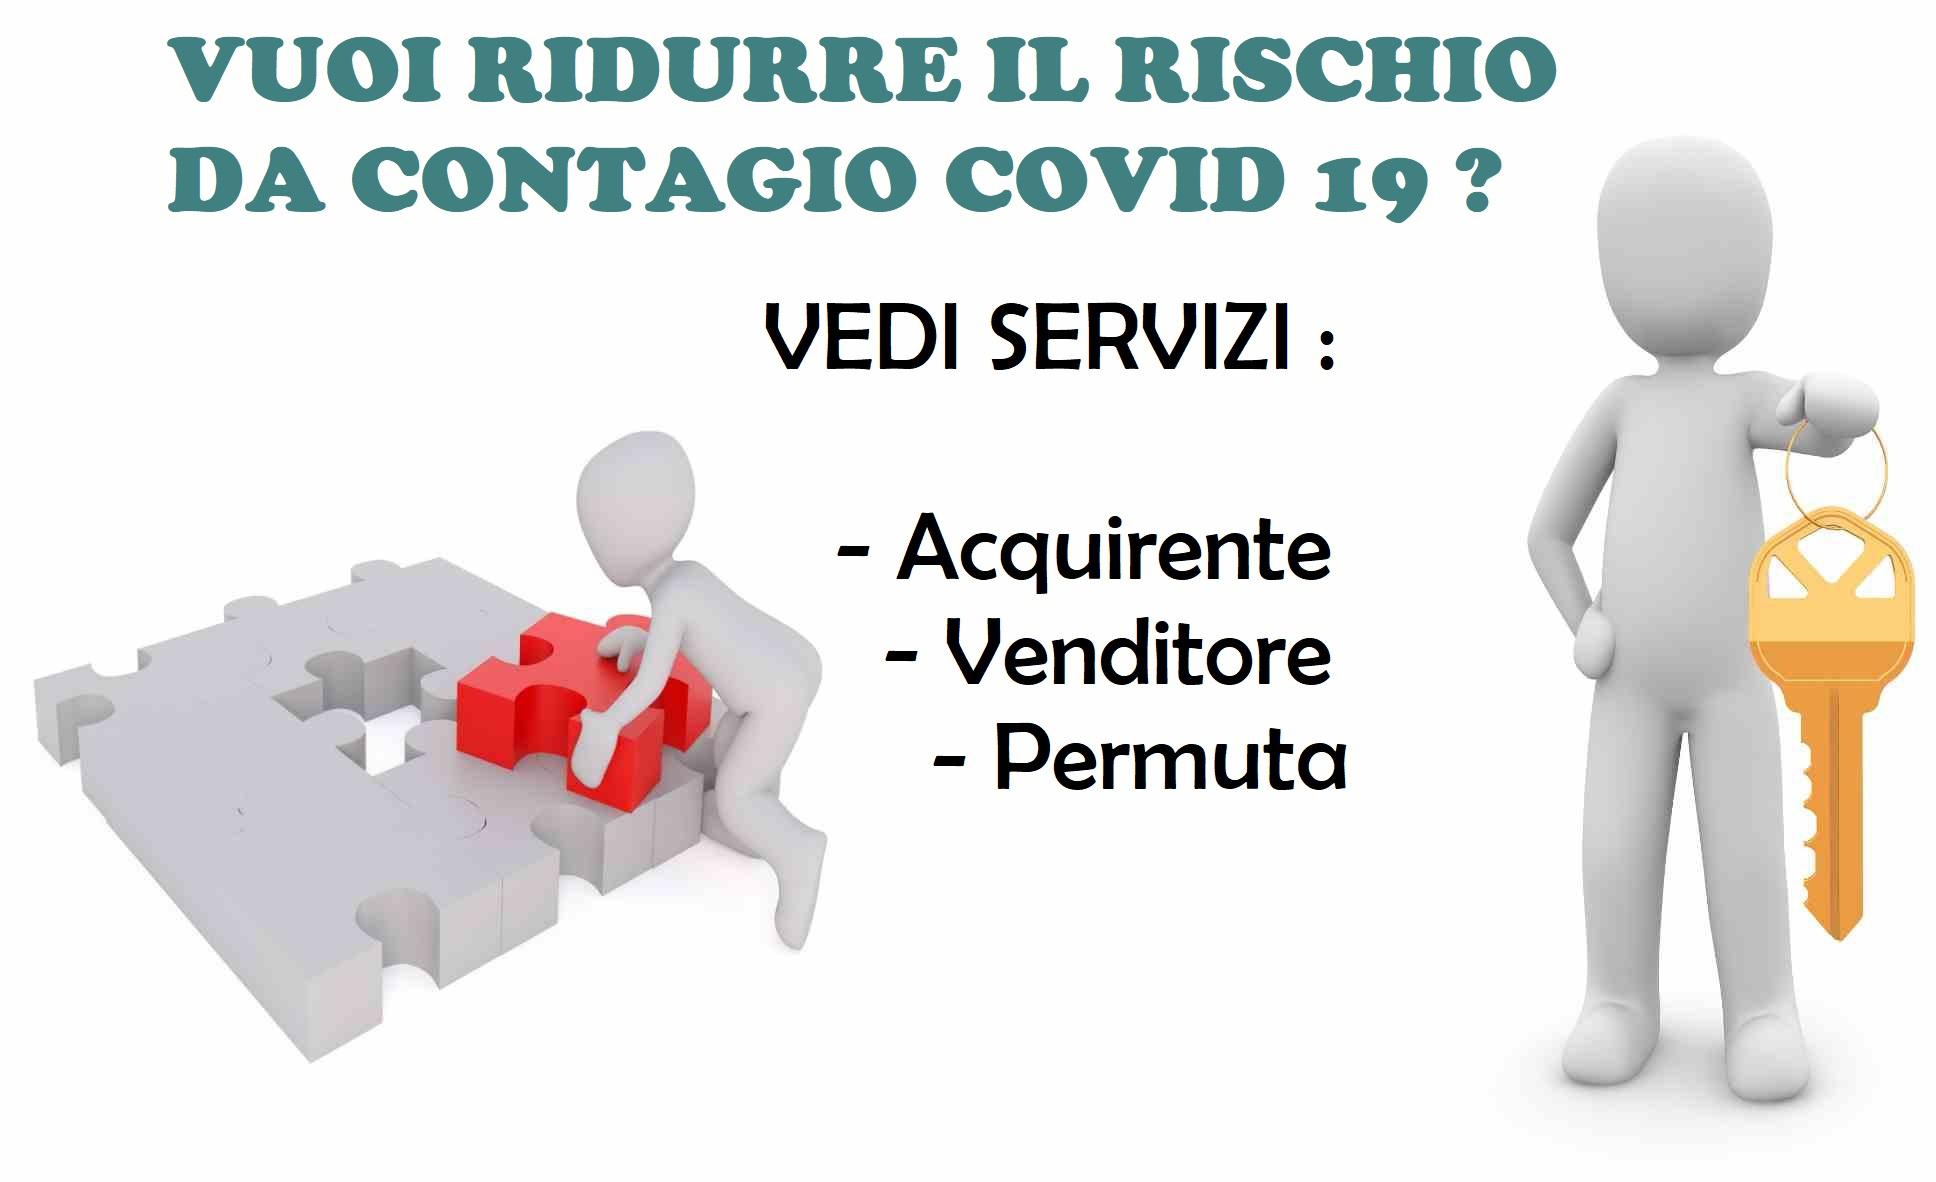 Appartamento in Vendita 420,43 mq - N. camere: 7 - - Cosenza - Cosenza centro (CS)